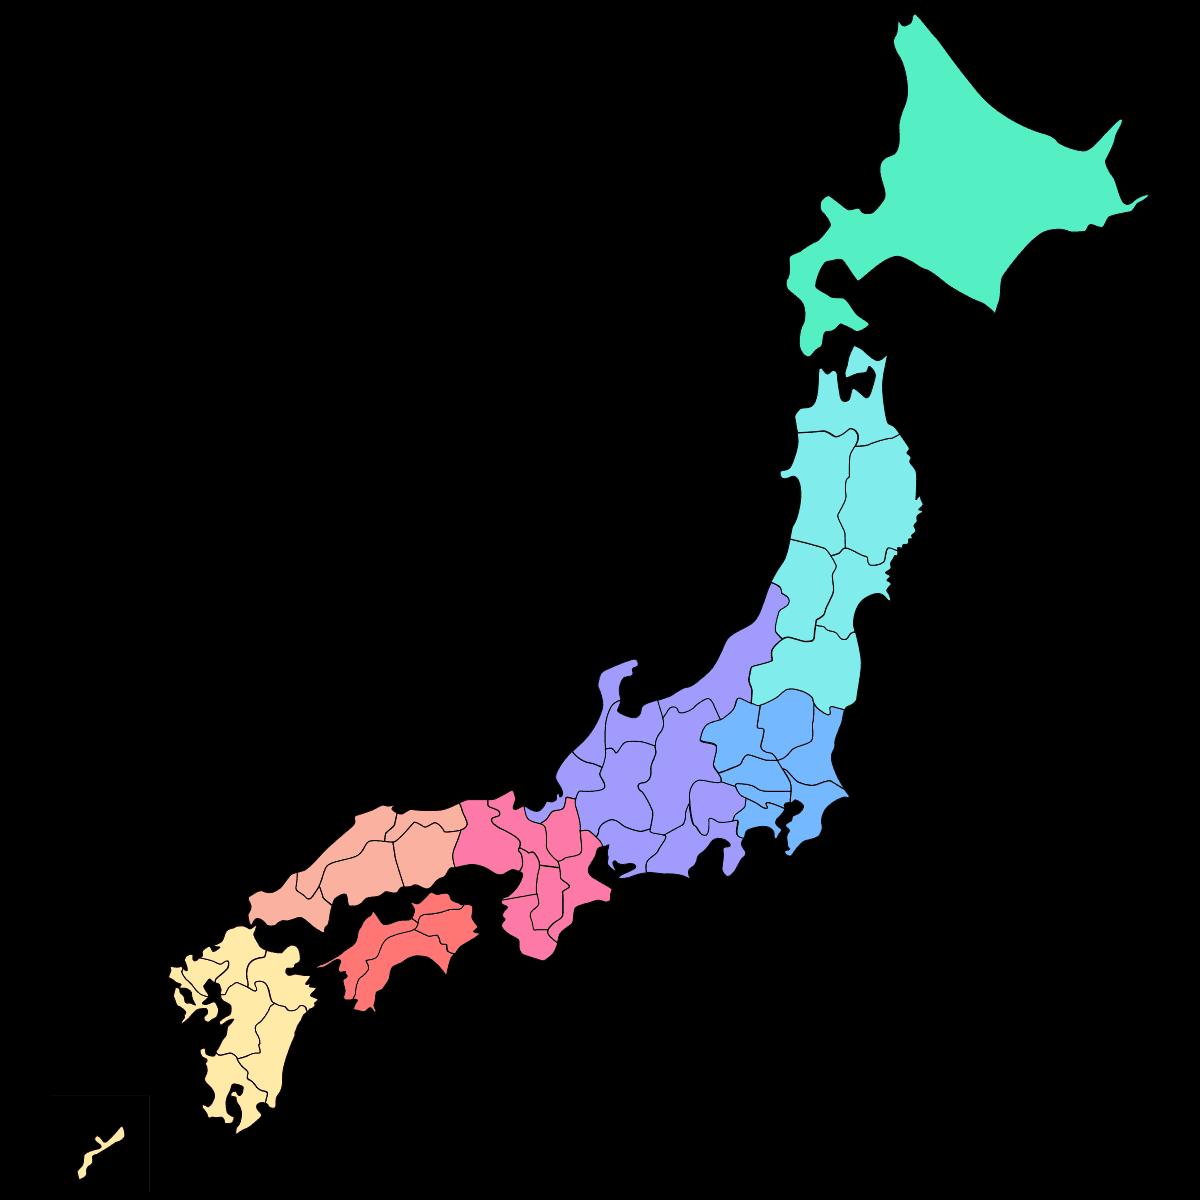 日本の地方区分について 解説 説明 知識 シマウマ用語集